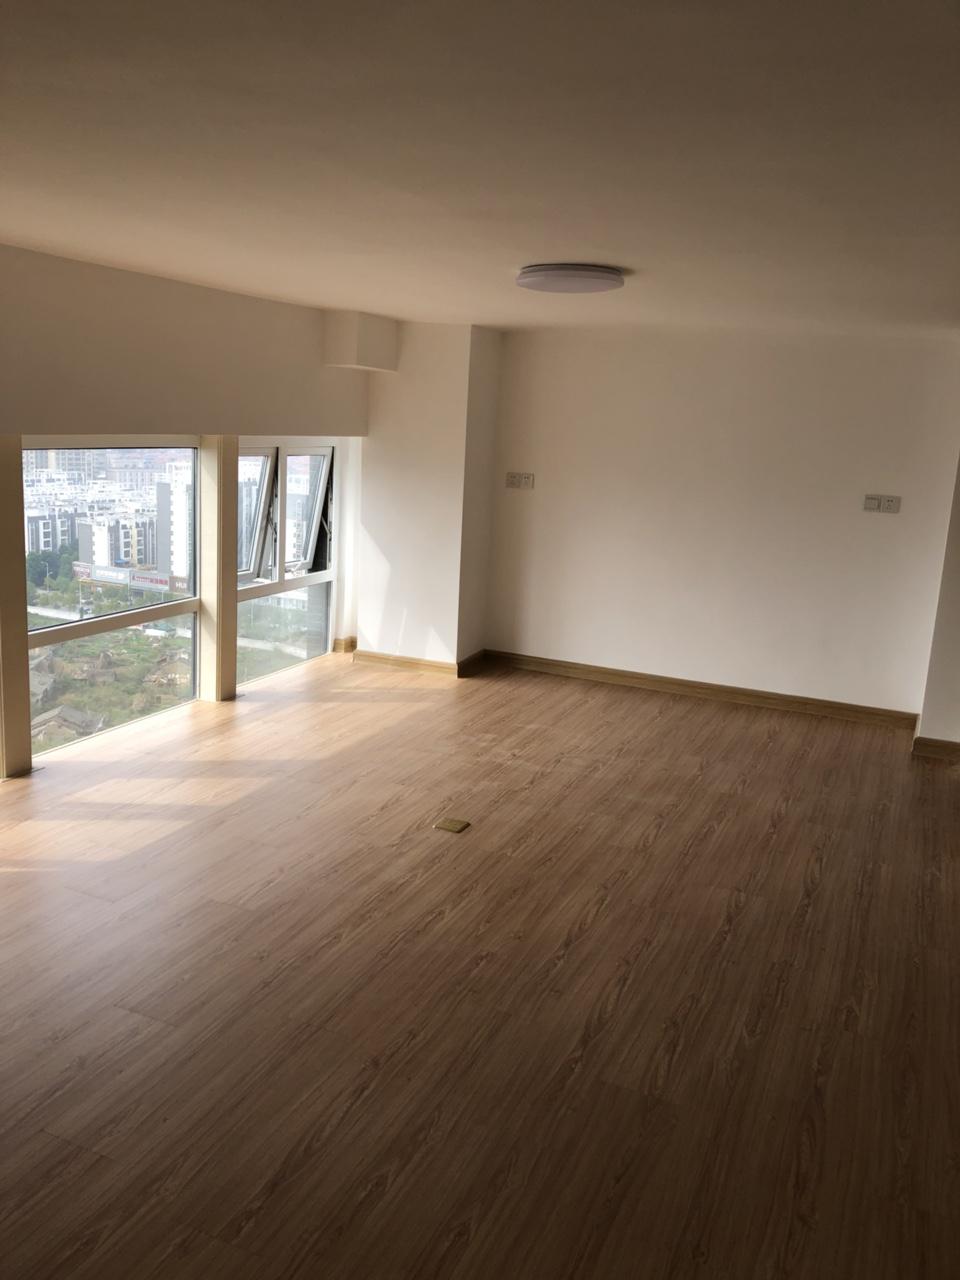 中央城高级写字楼2室 1厅 1卫2400元/月